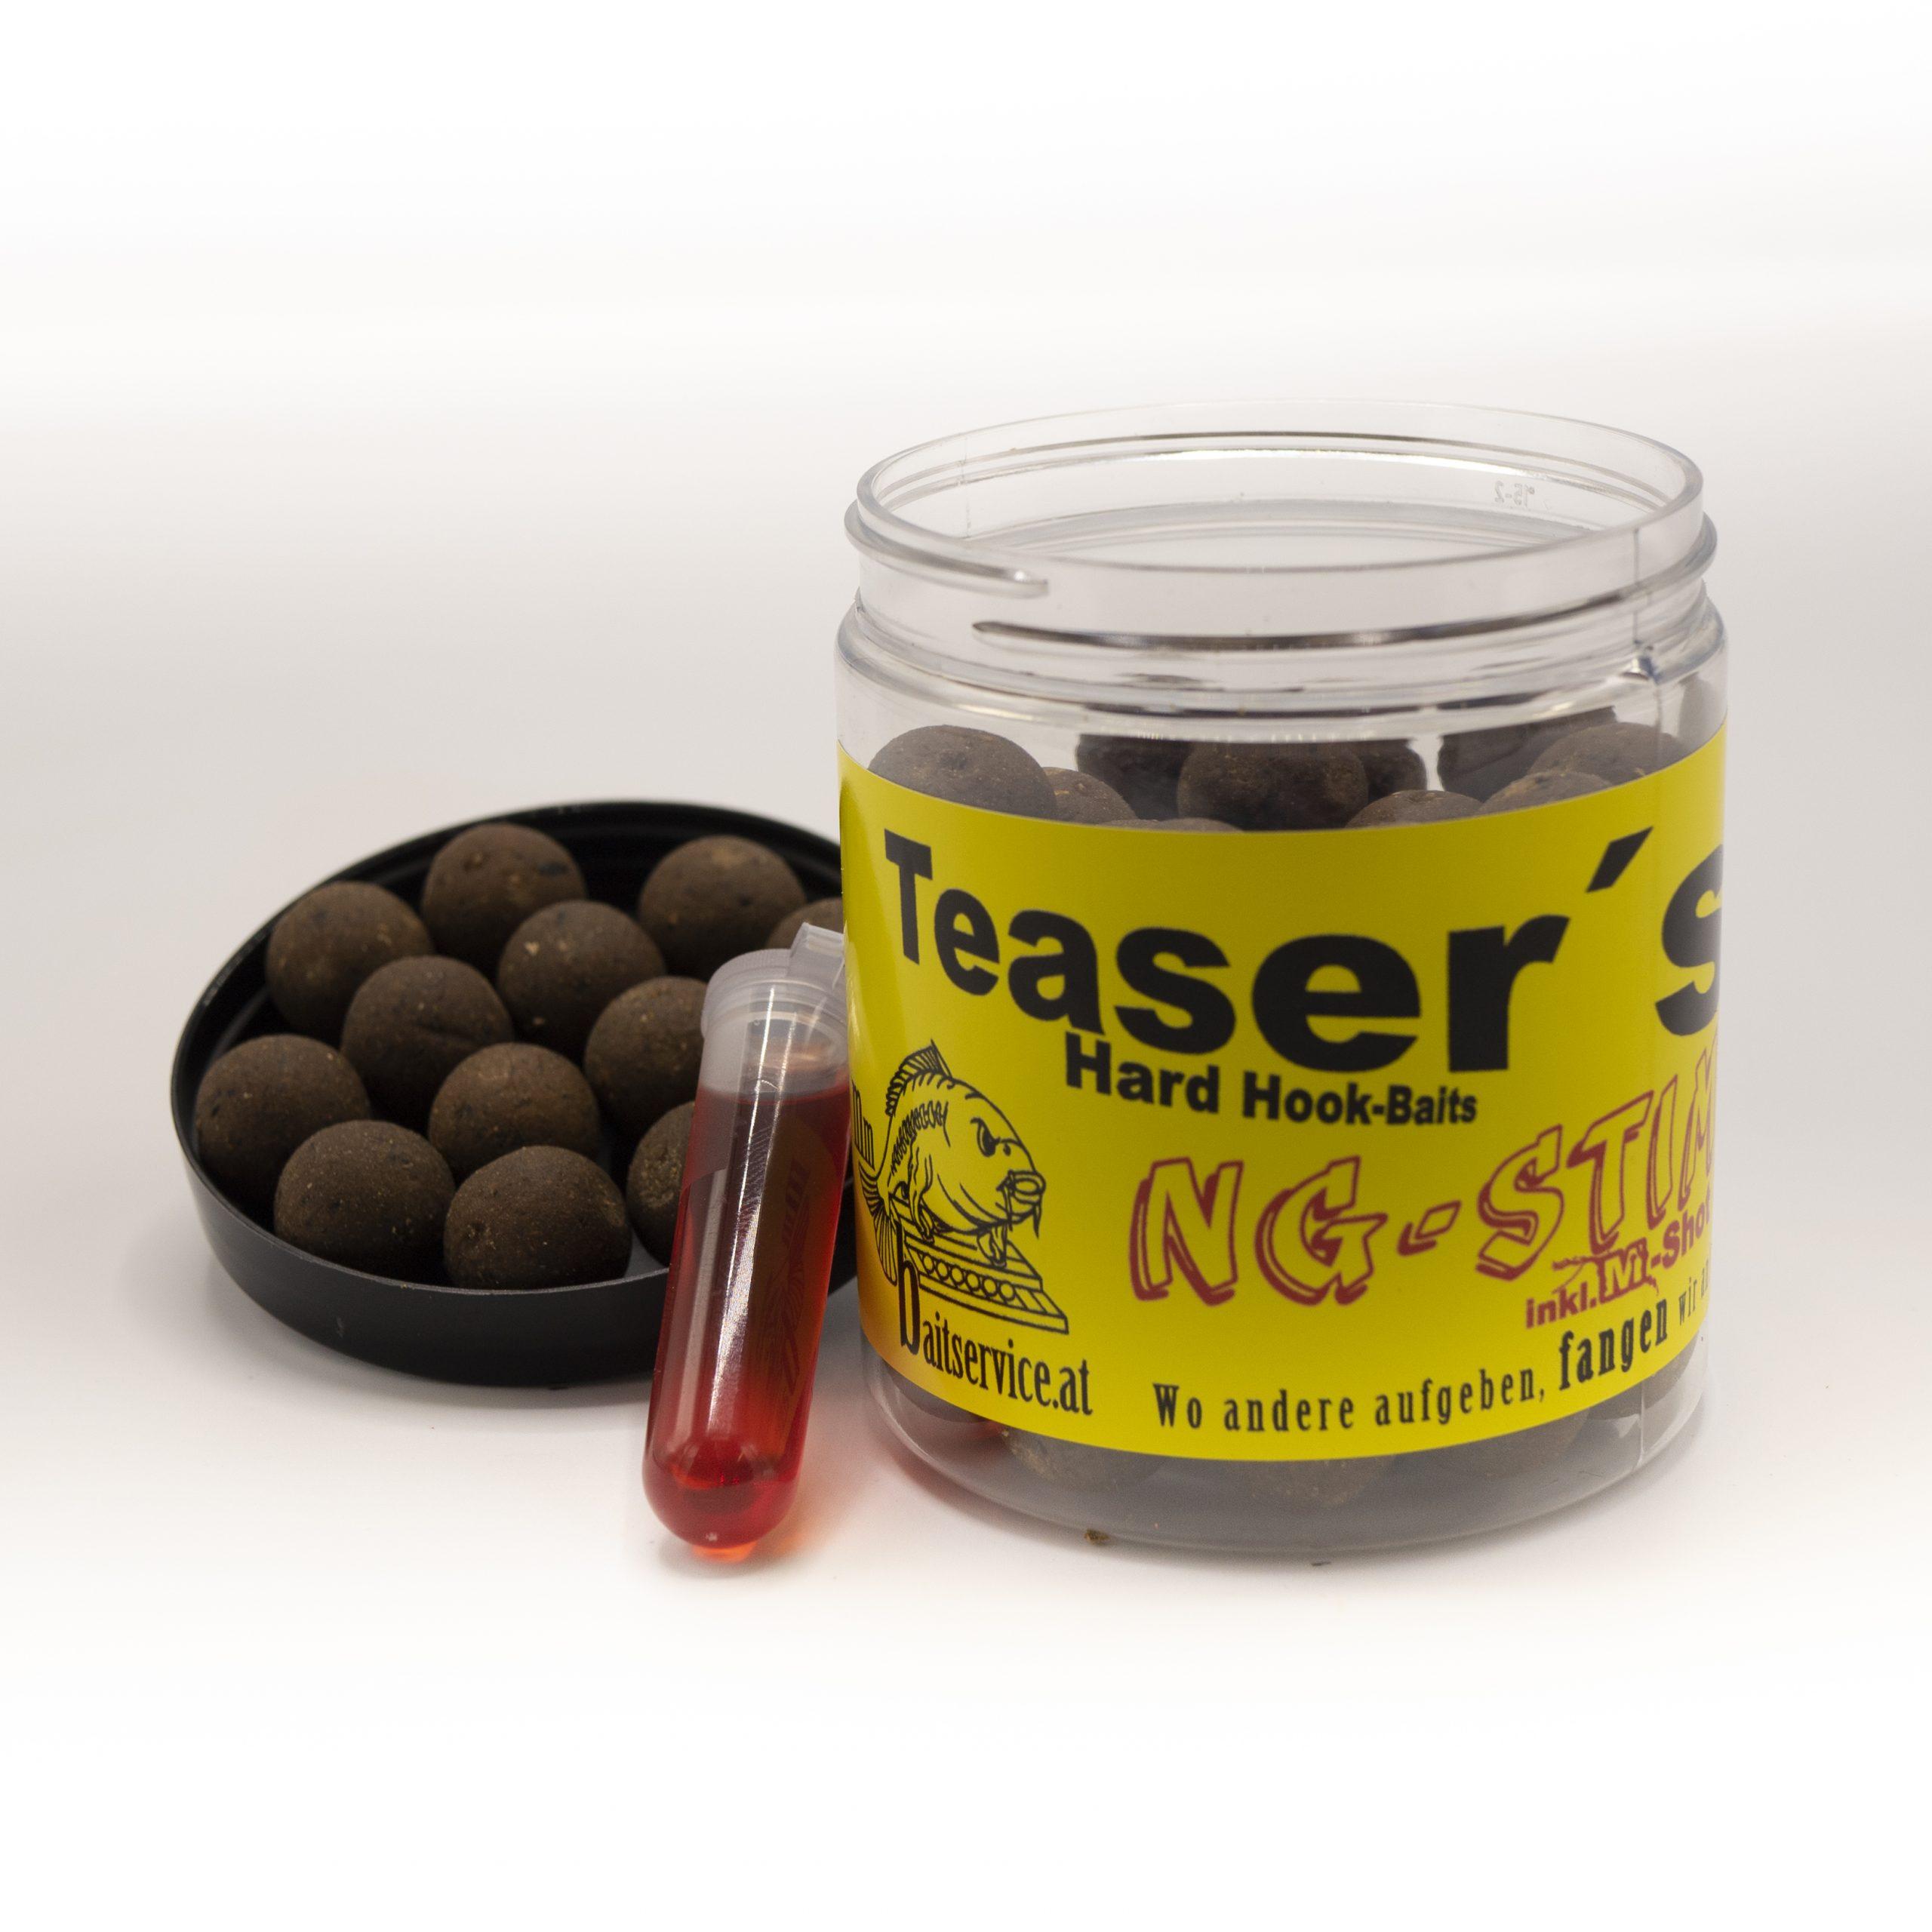 NG Stim - Teaser